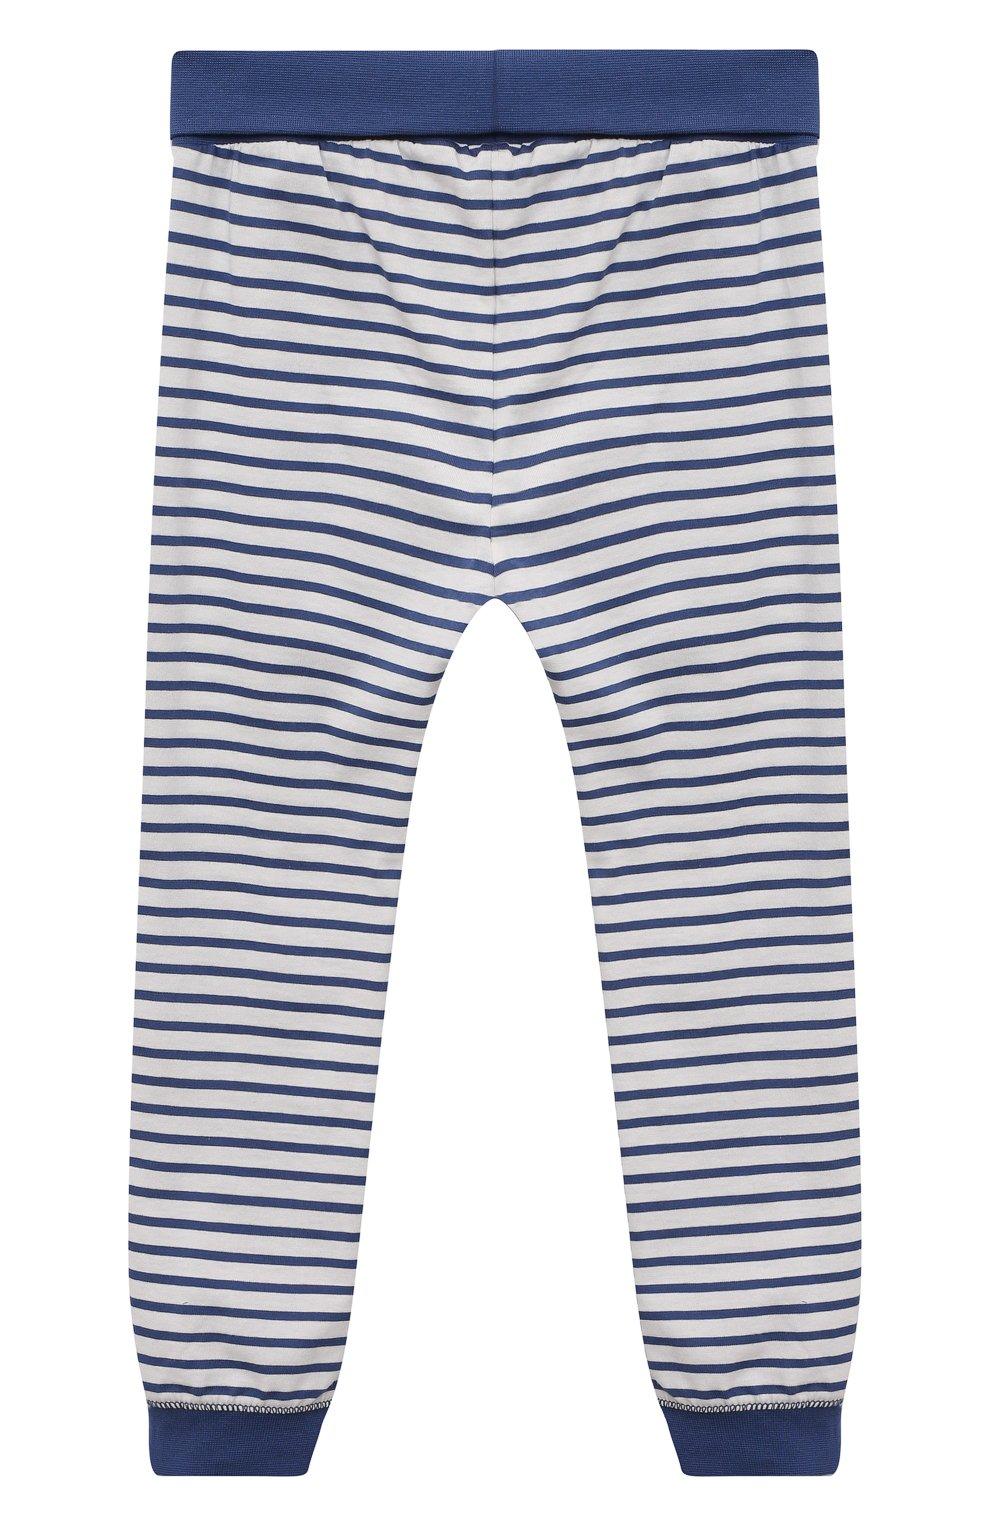 Женская хлопковая пижама SANETTA синего цвета, арт. 221591 | Фото 5